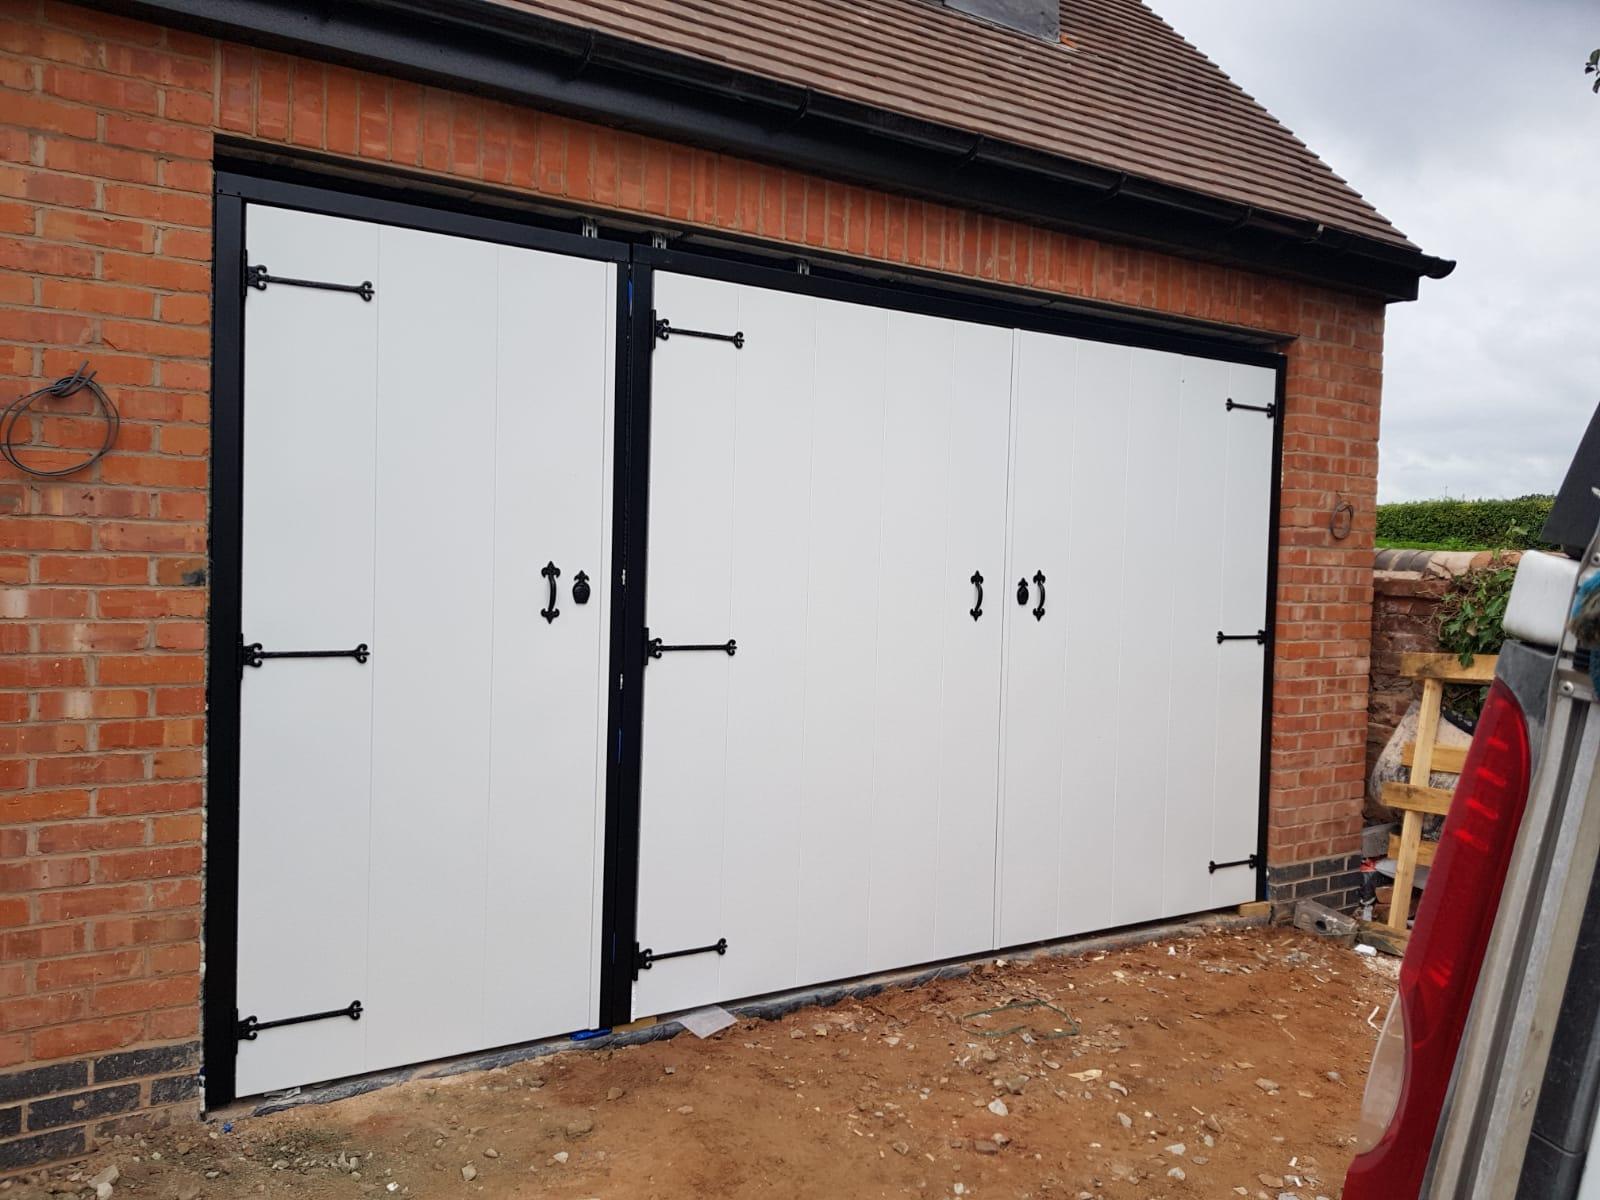 White side hinged garage door with pedestrian garage door access